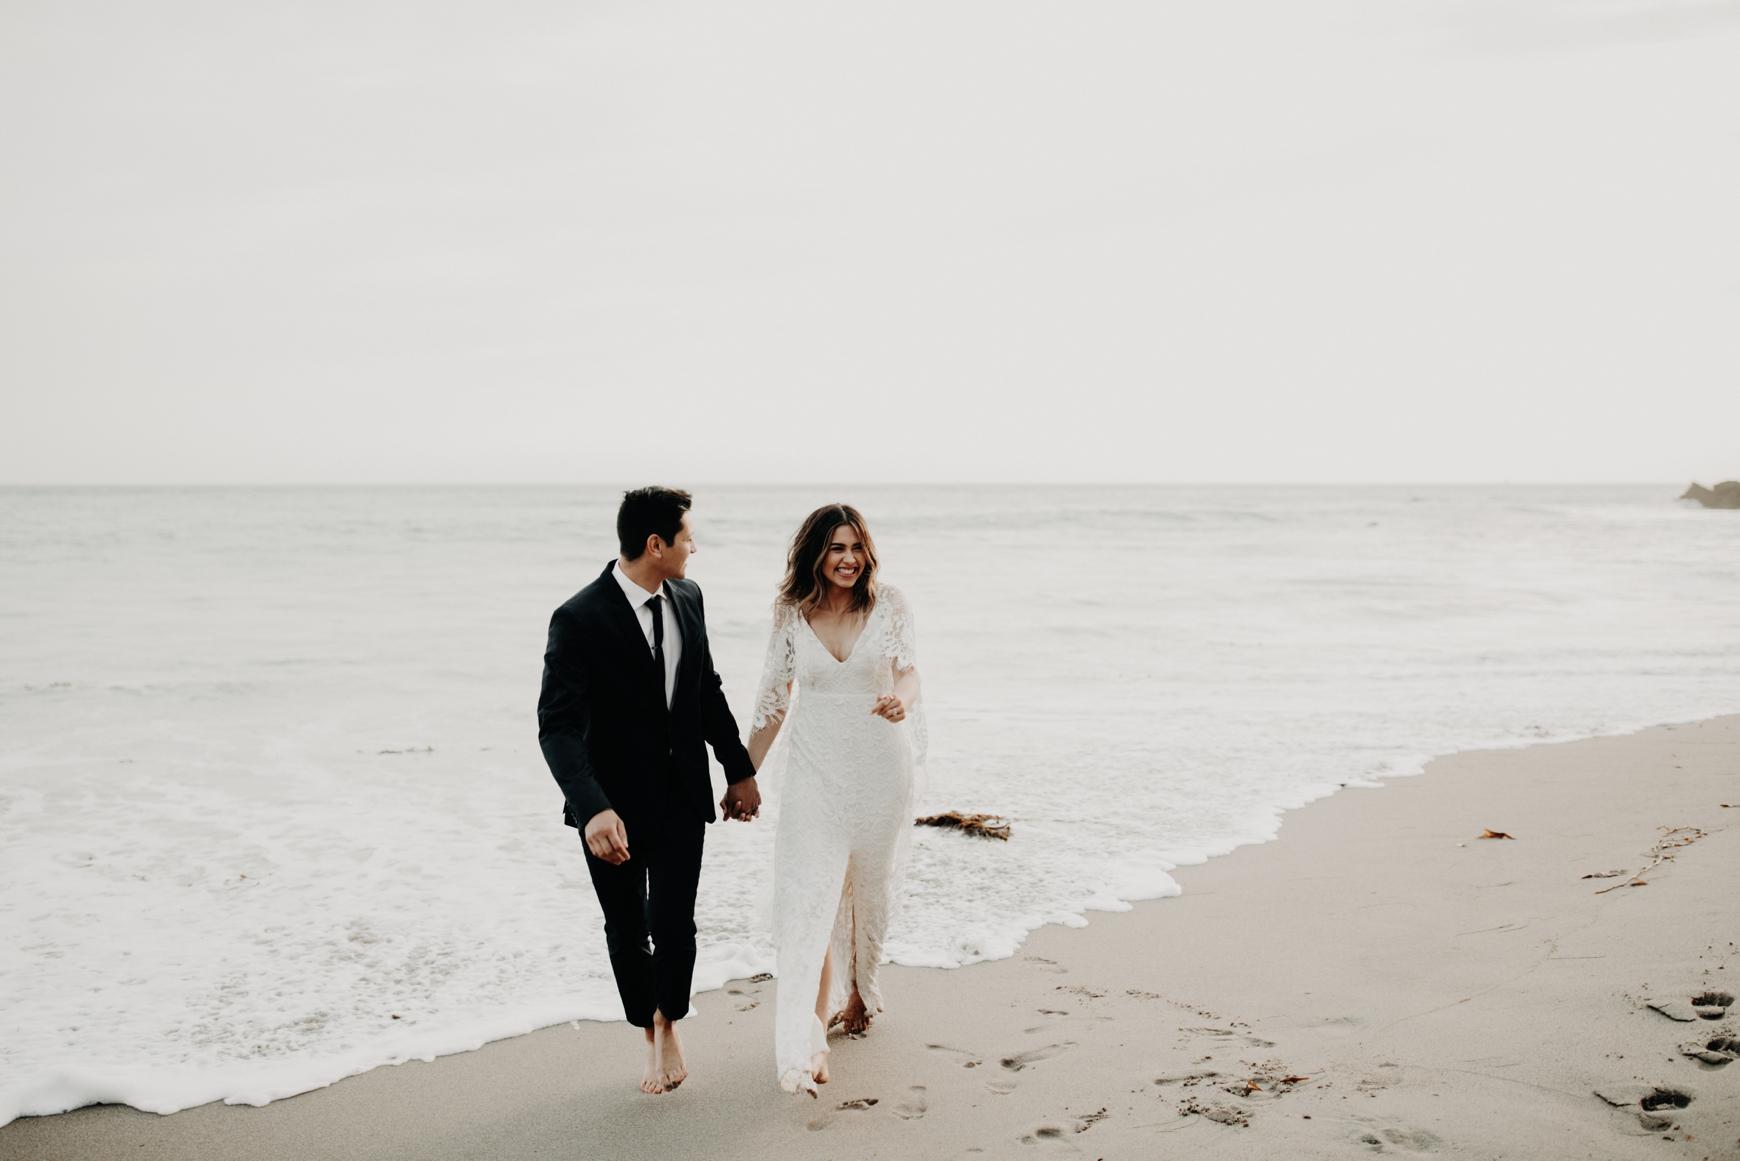 El Matador Beach Bridal Portraits Justellen & TJ Emily Magers Photography-251Emily Magers Photography.jpg